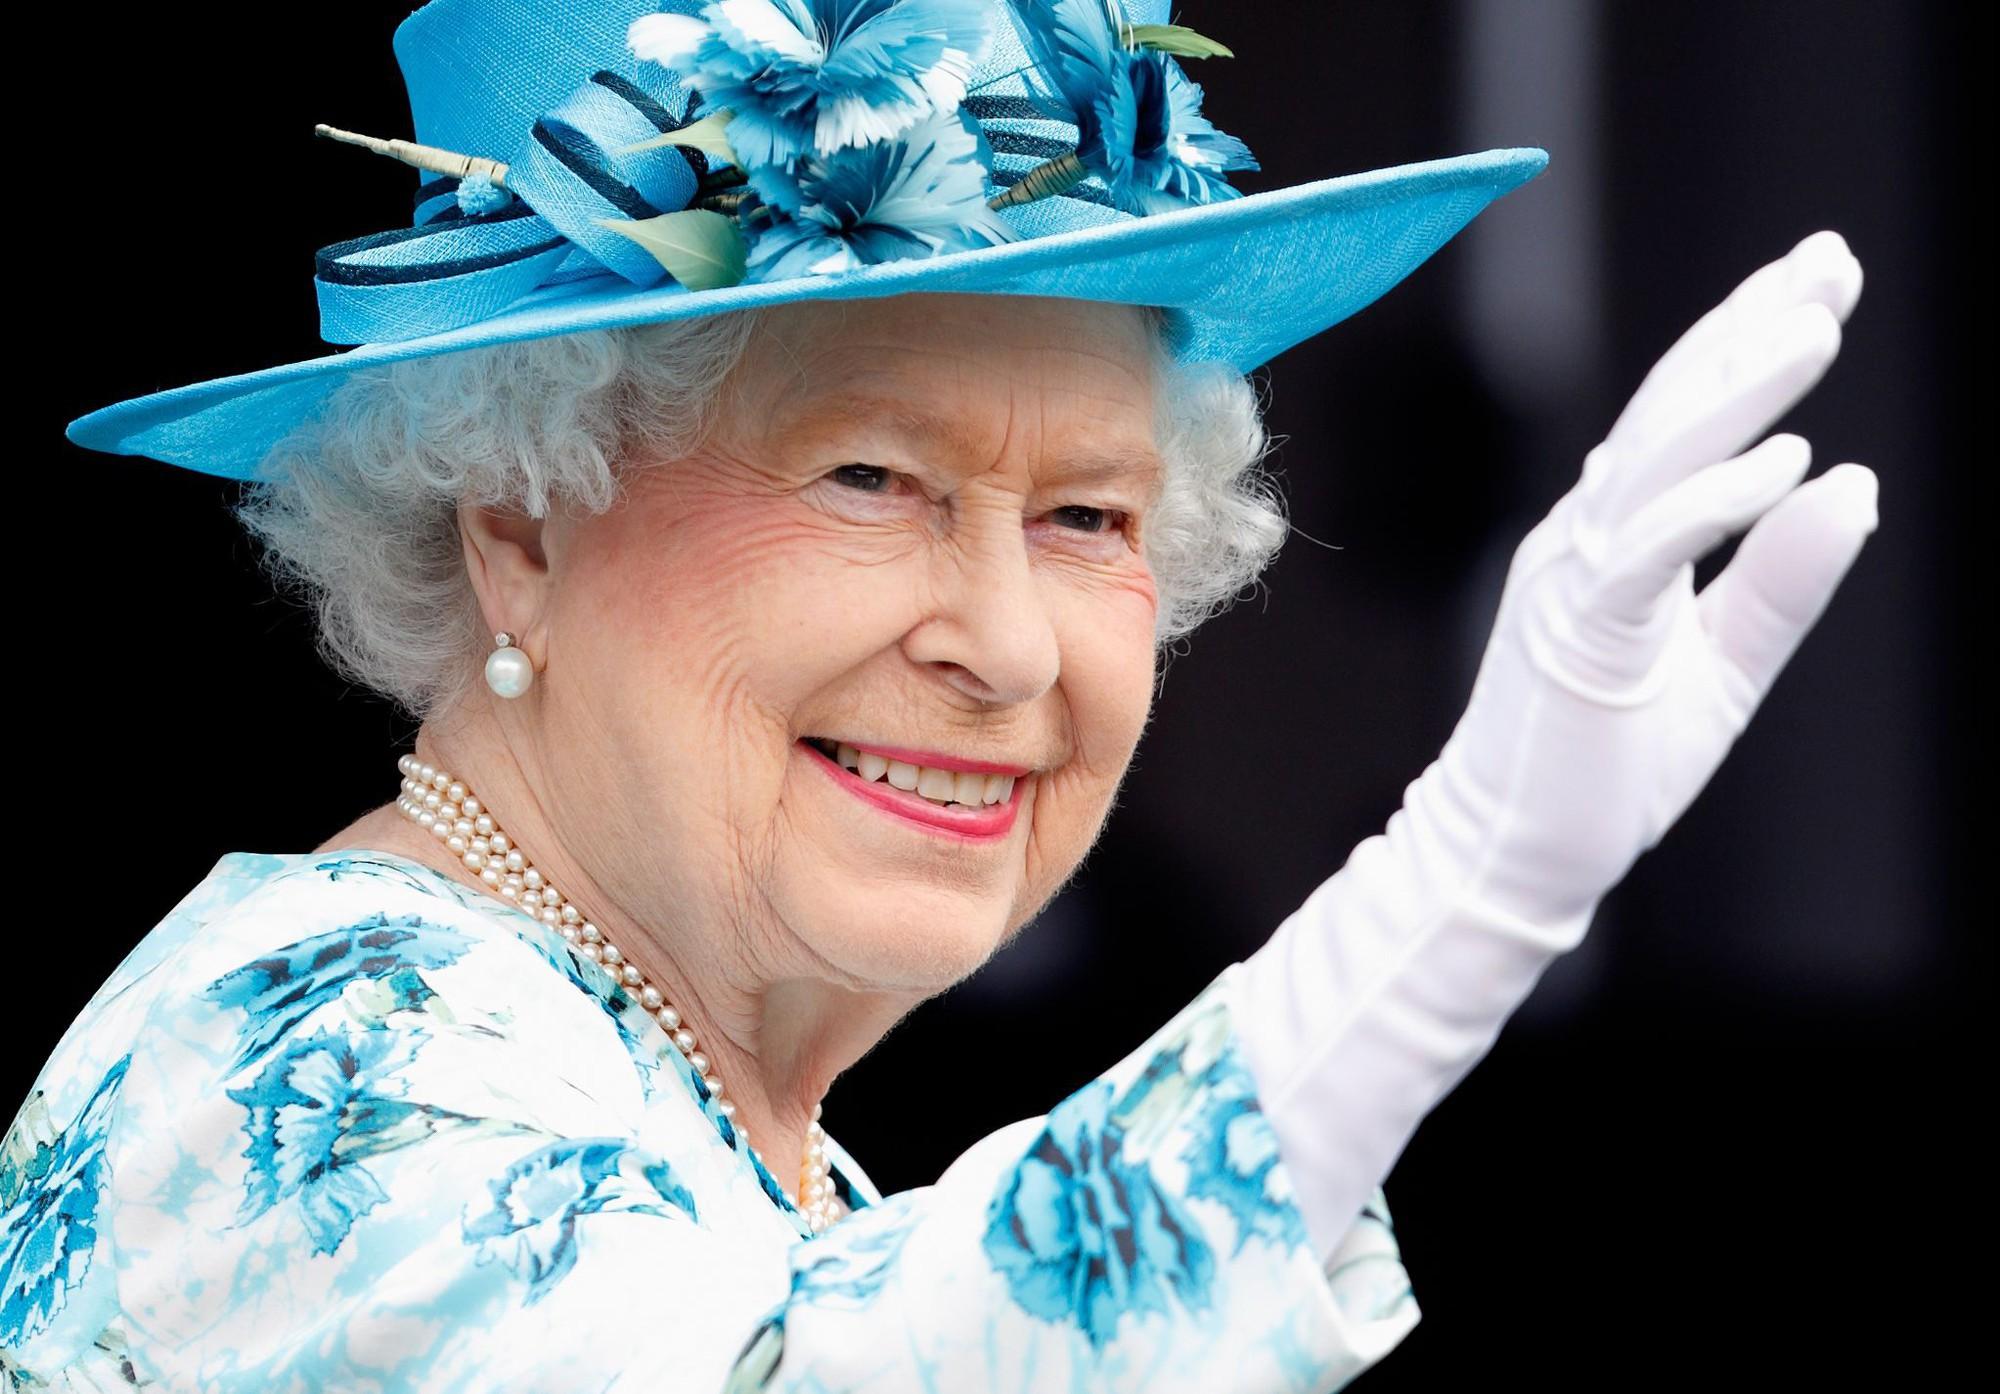 Ngoài gu diện đồ sặc sỡ, Nữ hoàng Anh còn có 5 bí mật làm nên phong cách thời trang không thể trộn lẫn - Ảnh 20.